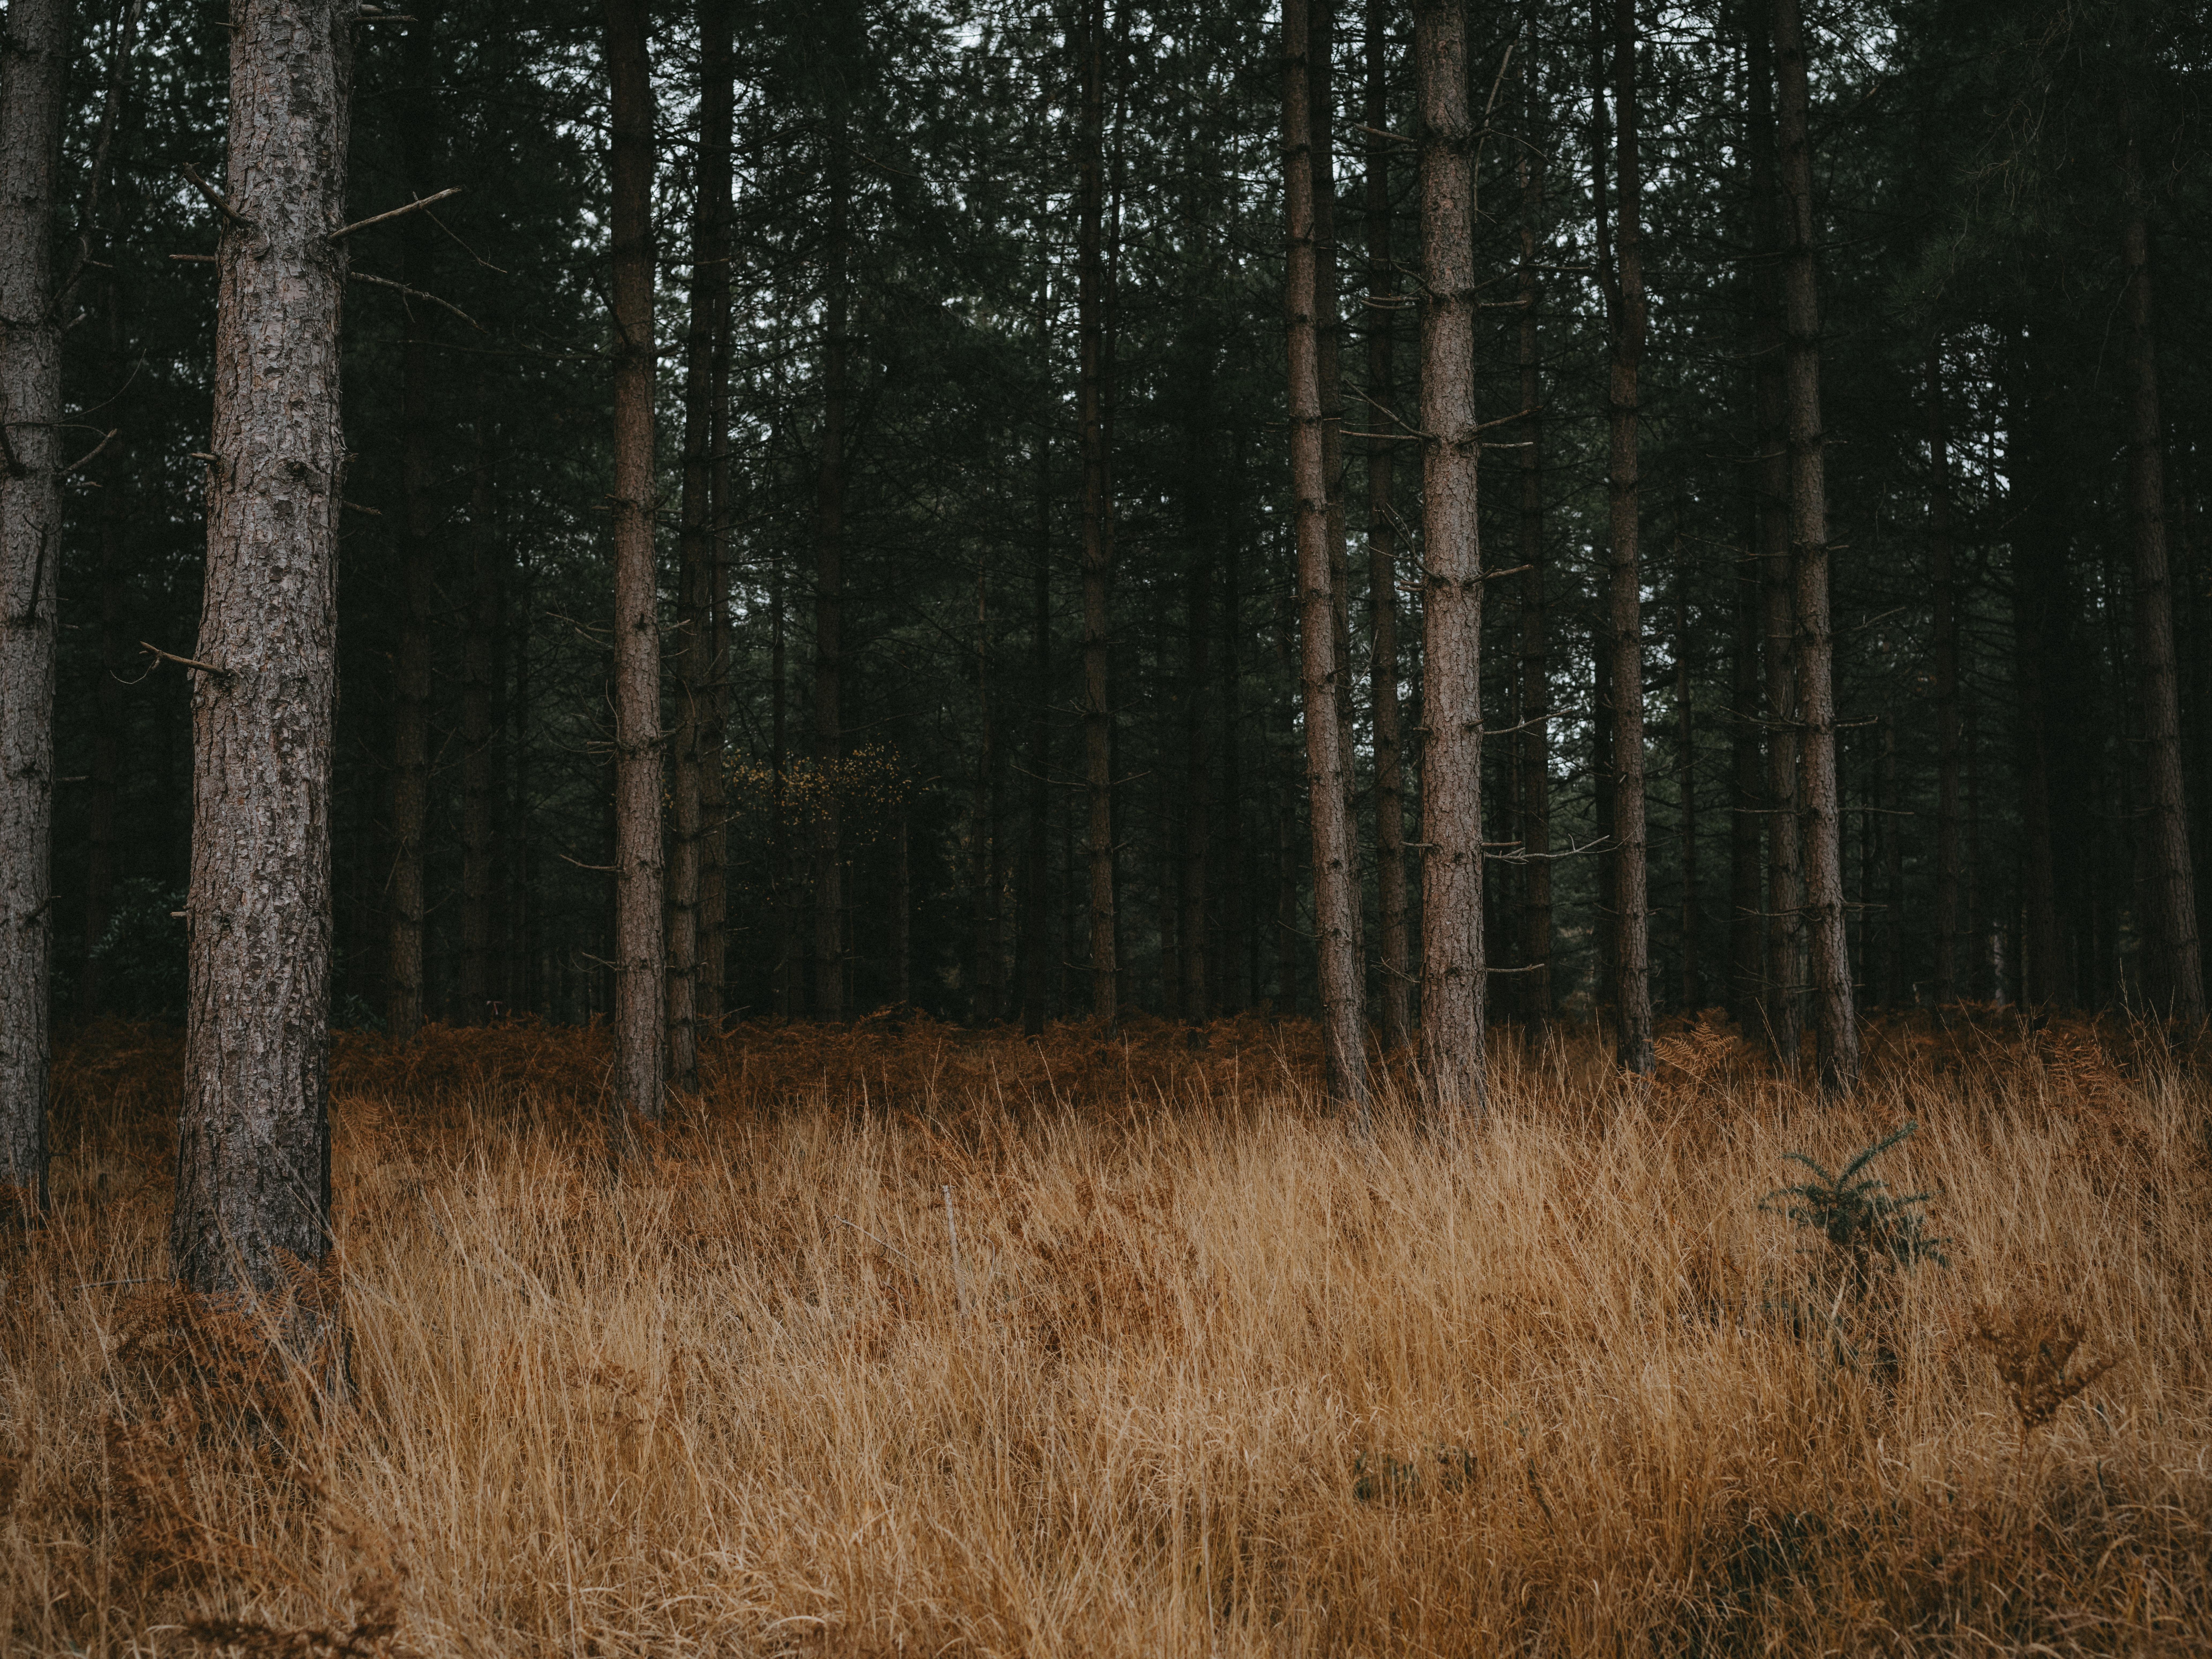 85442 скачать обои Природа, Лес, Деревья, Трава, Хвойный, Сосны - заставки и картинки бесплатно